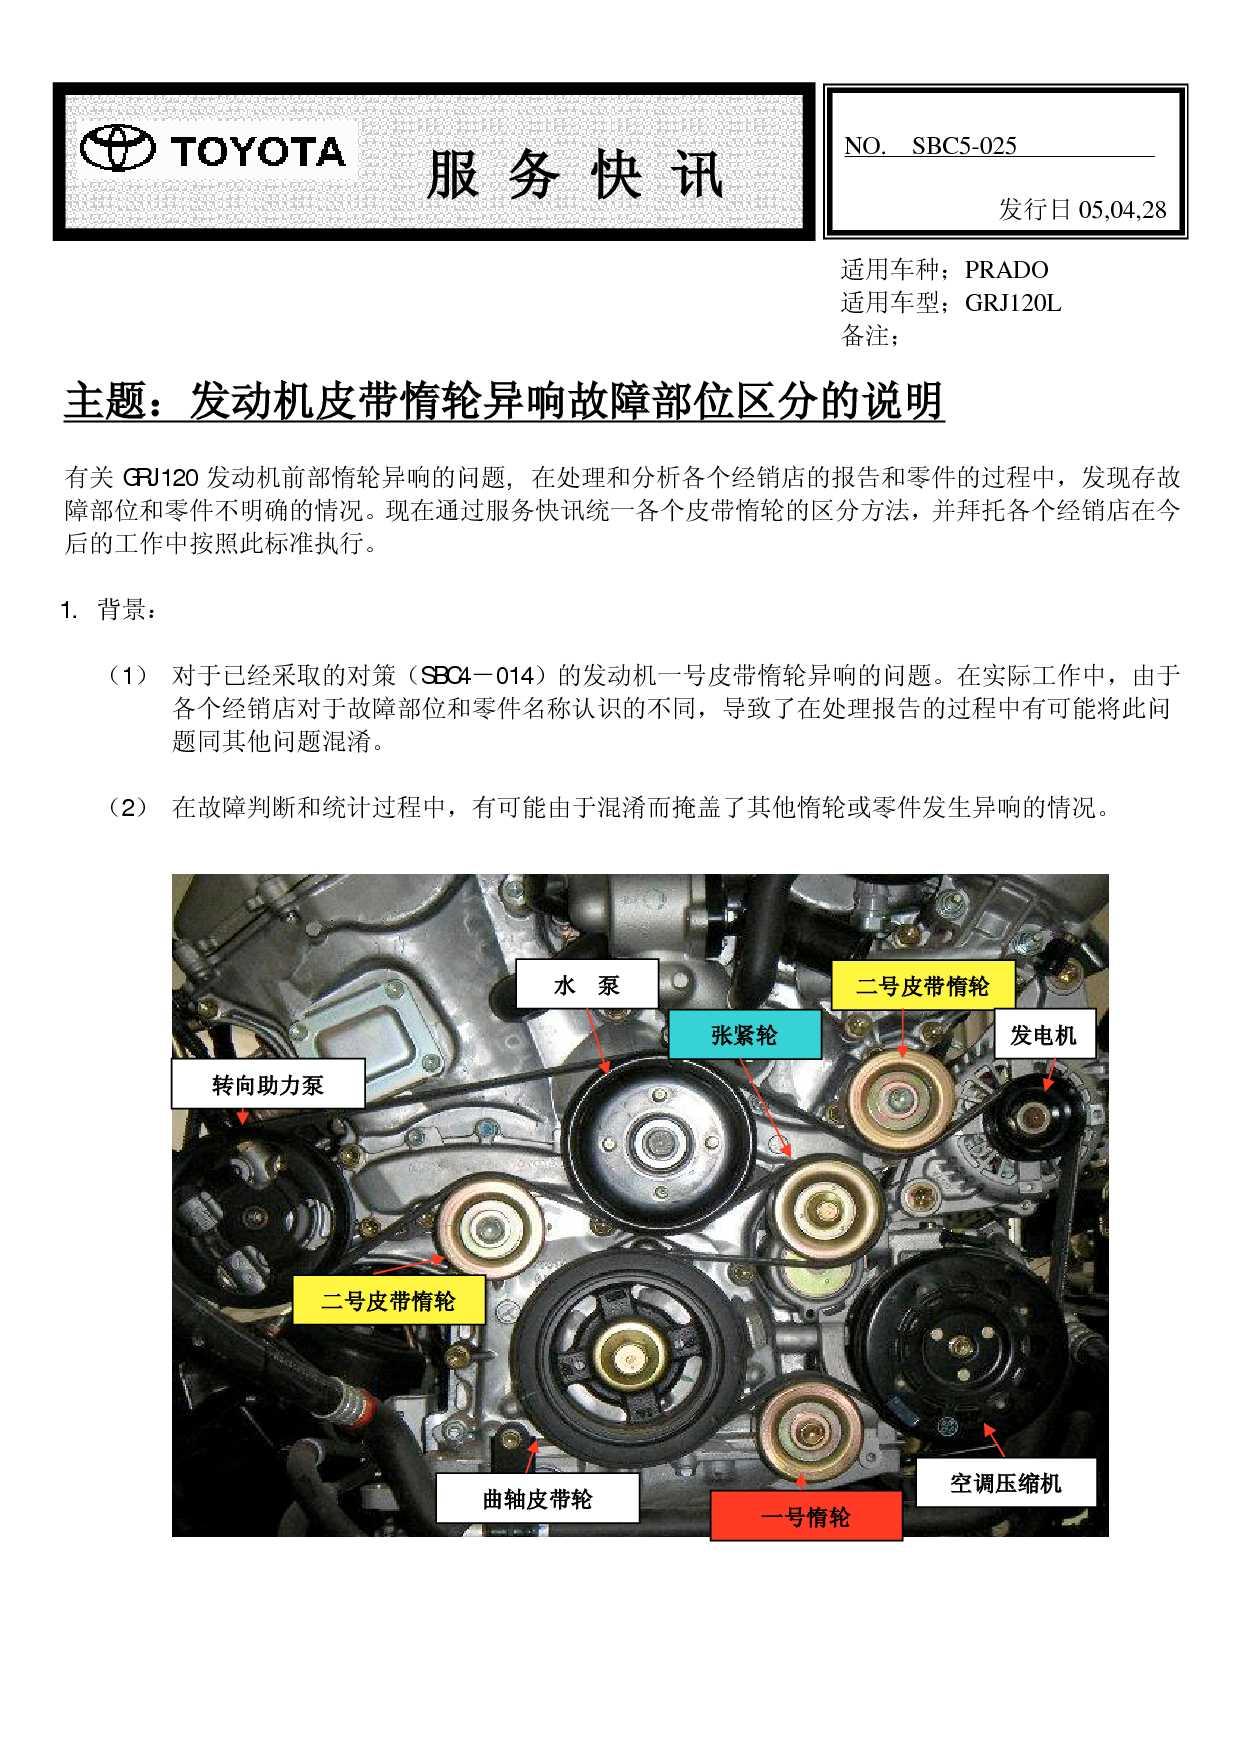 sbc5-025 普拉多发动机皮带惰轮异响故障部位区分的说明